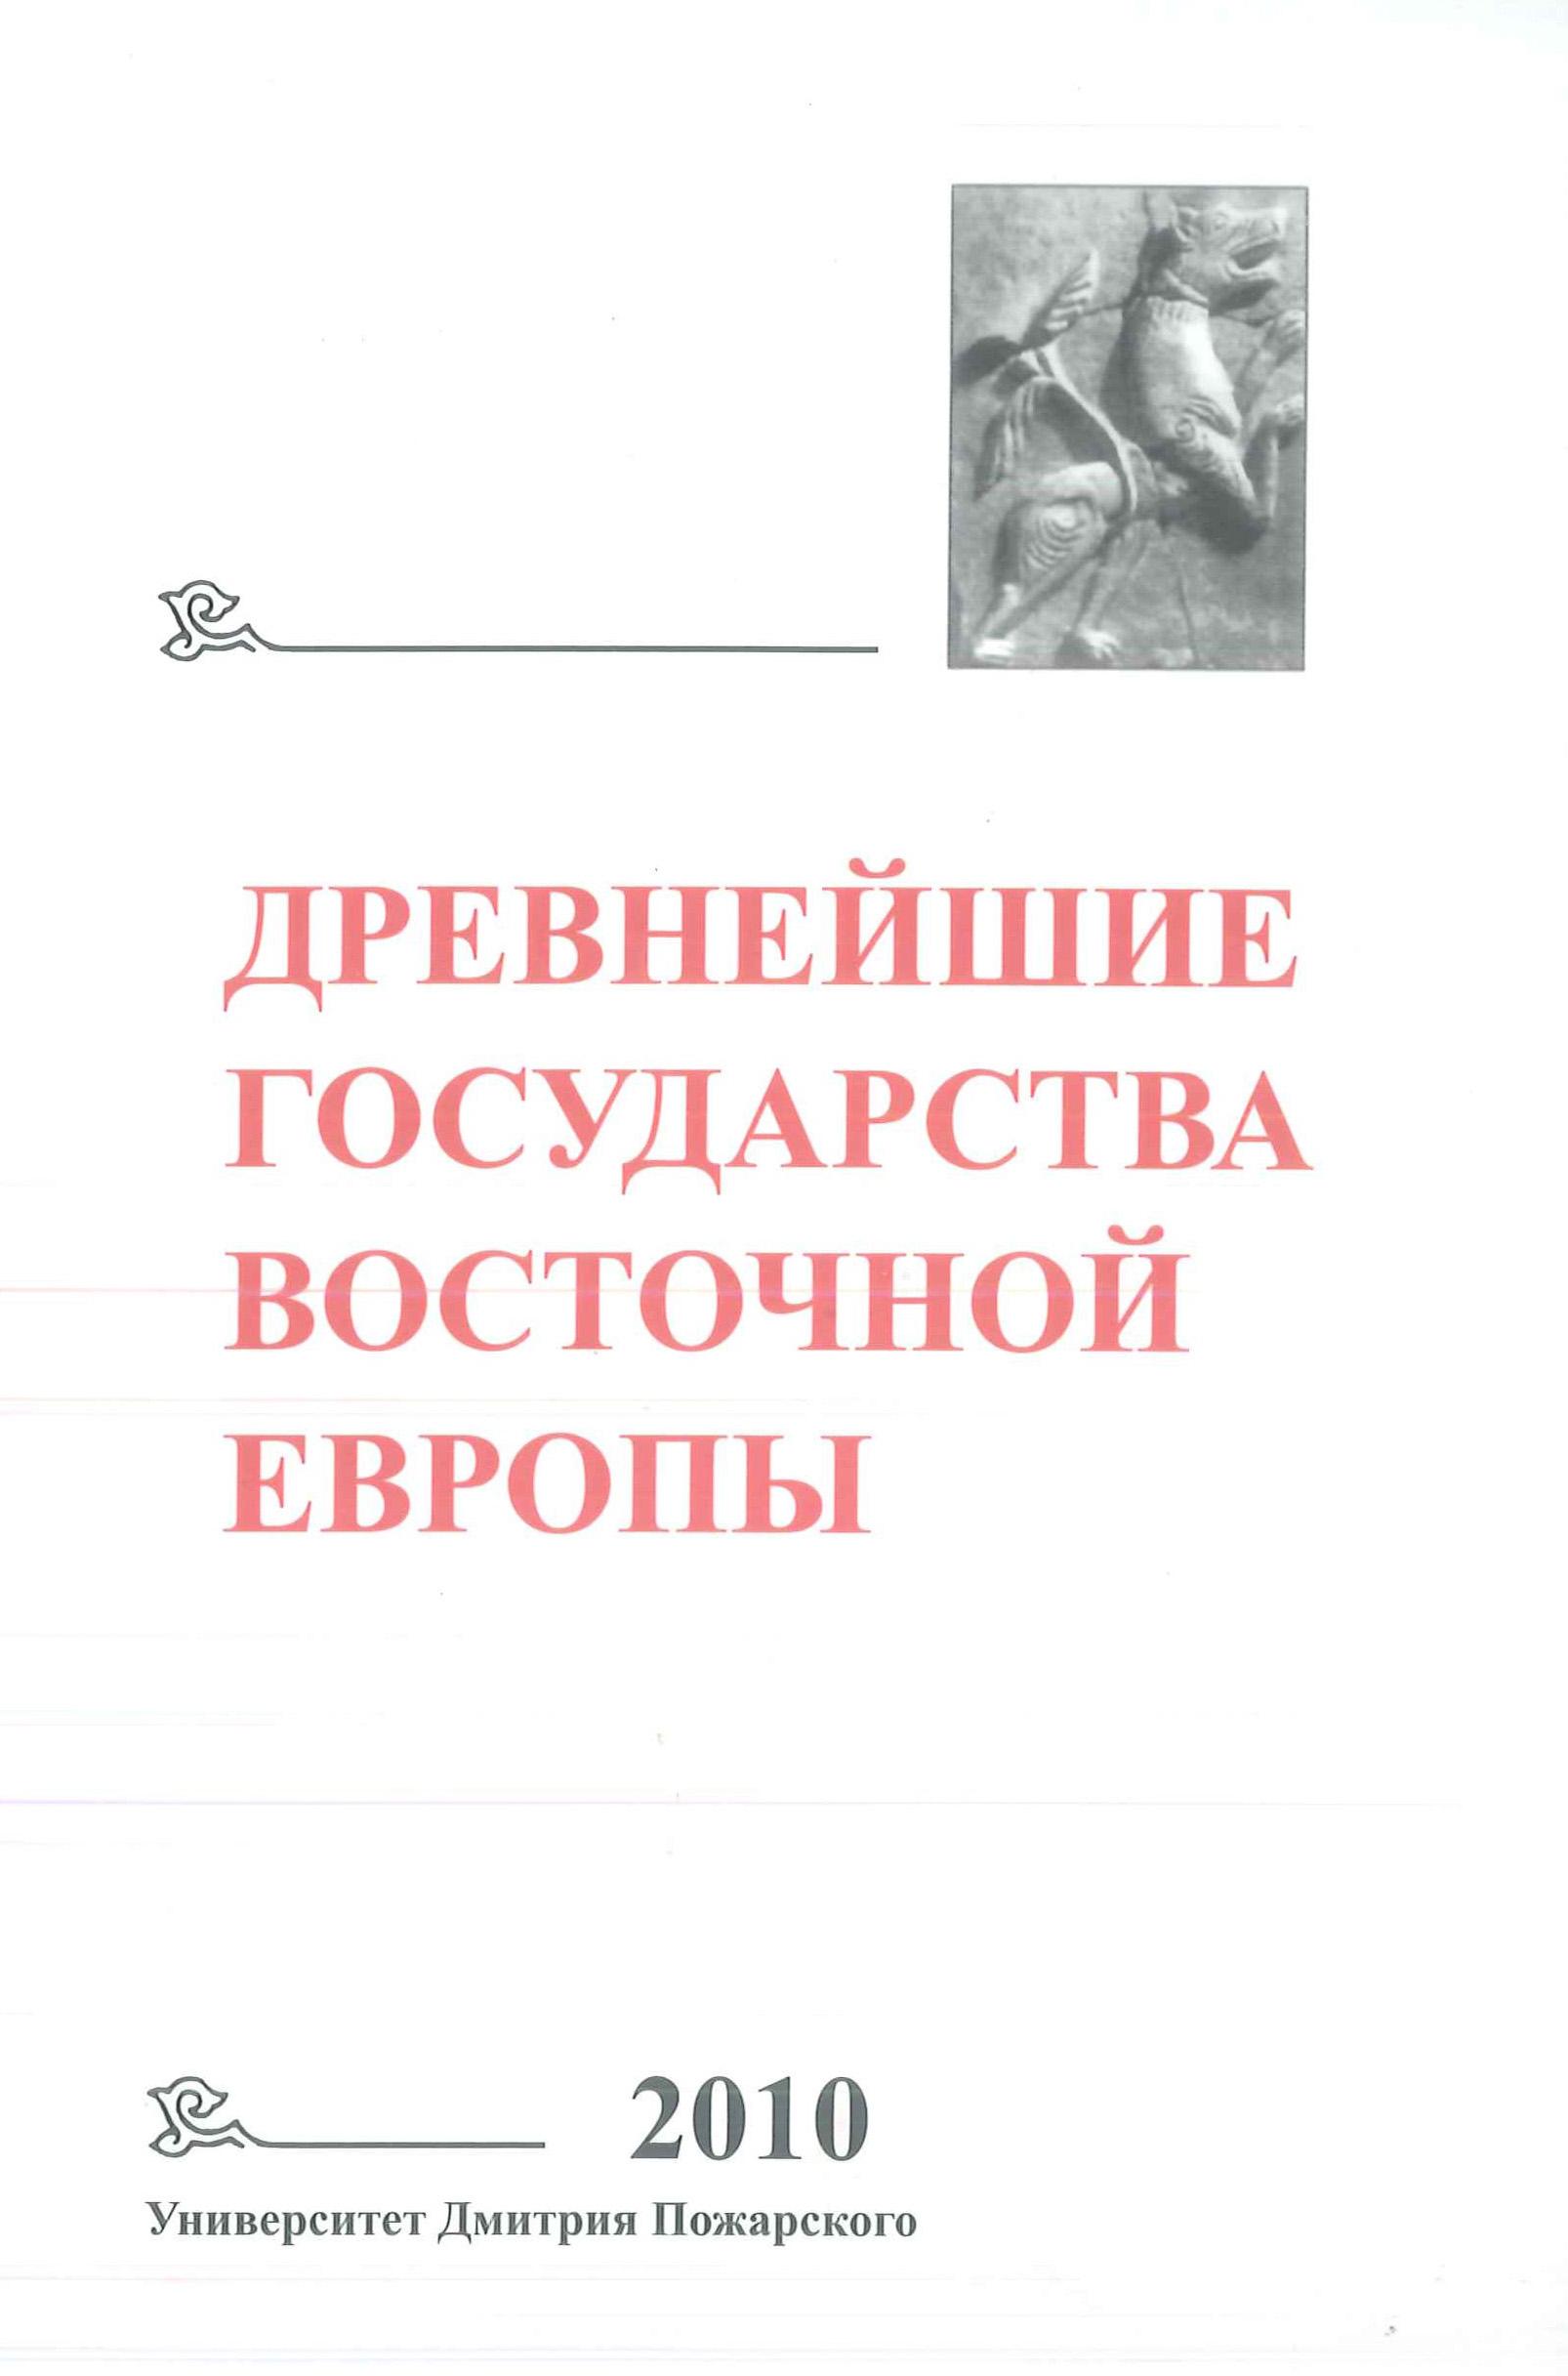 Древнейшие государства Восточной Европы. 2010 год. Предпосылки и пути образования Древнерусского государства